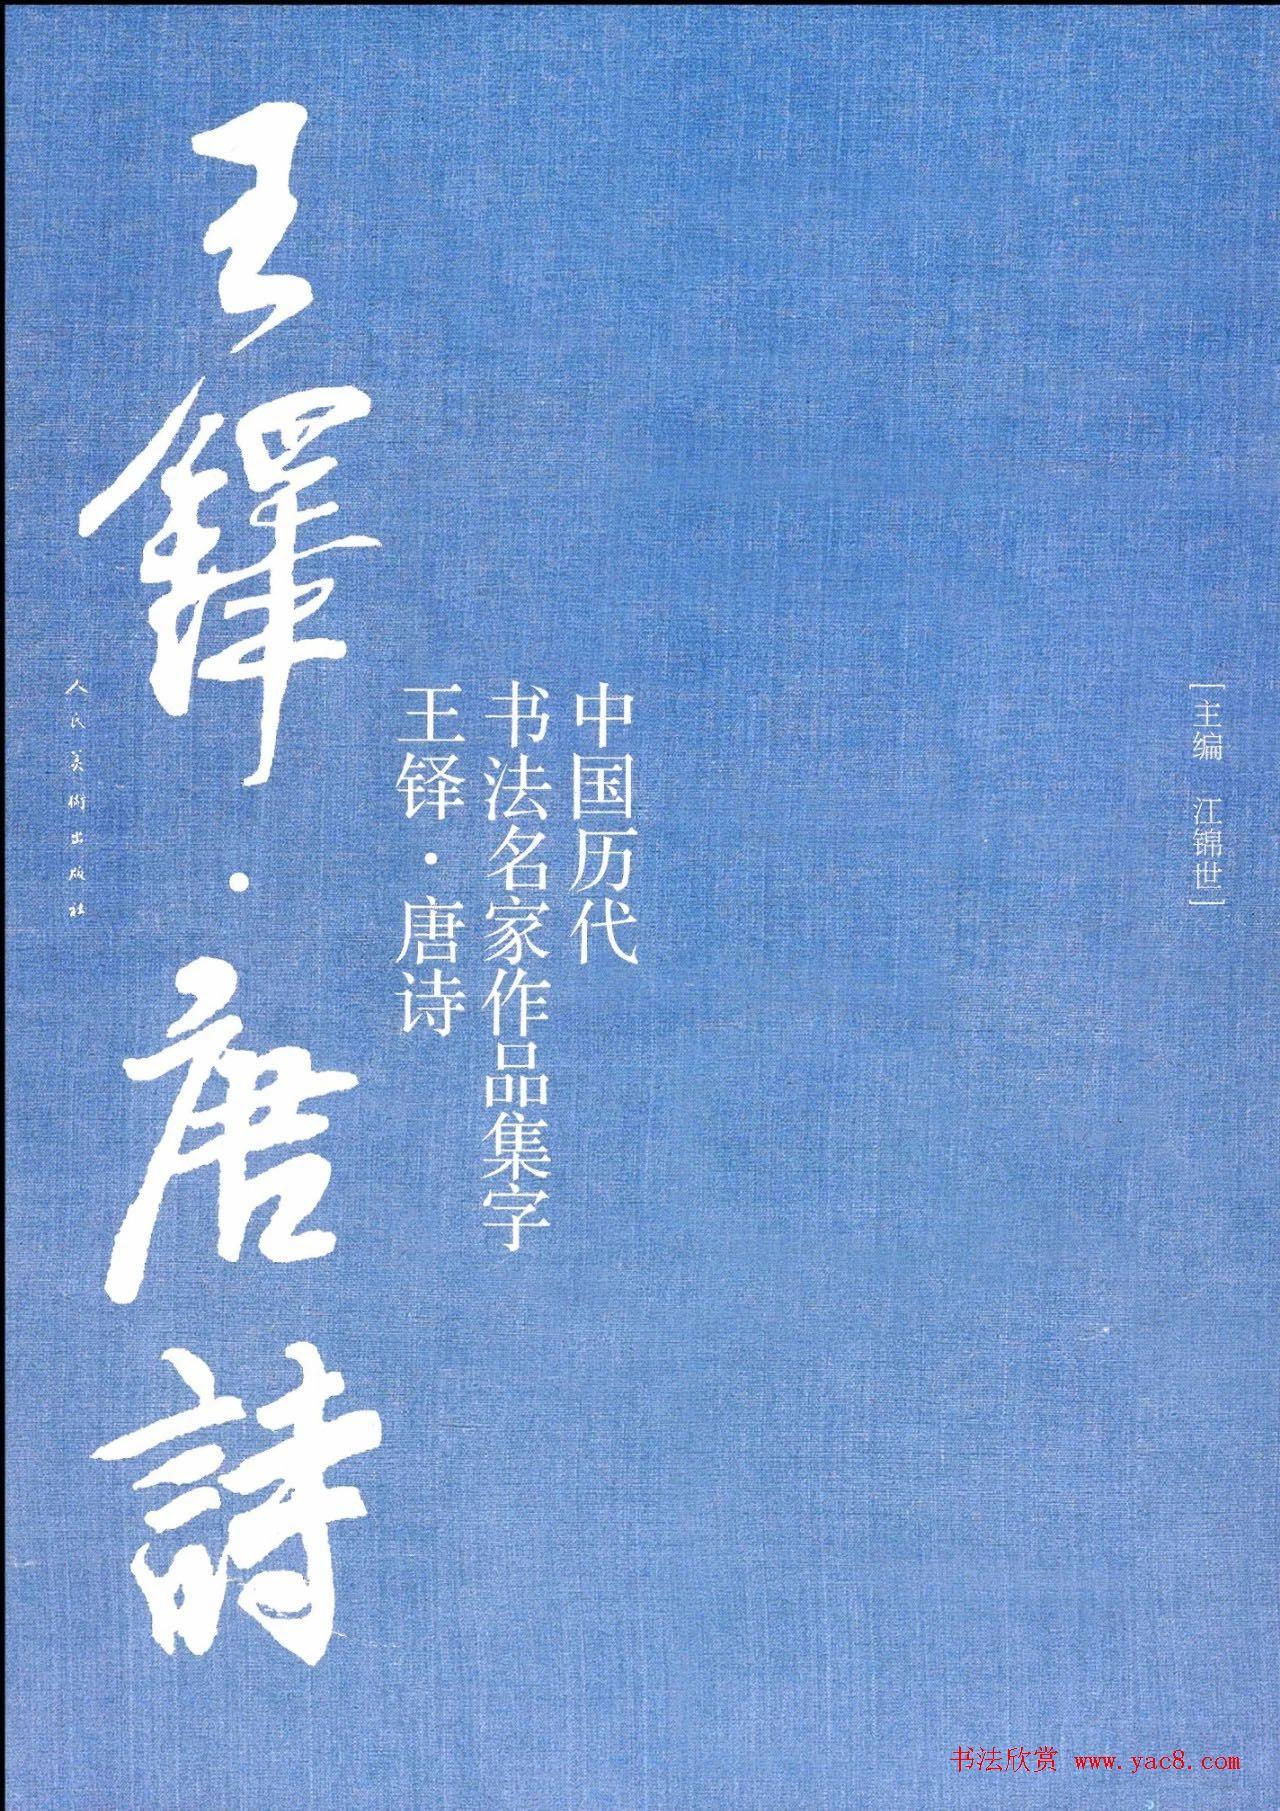 王铎行书集字唐诗31首